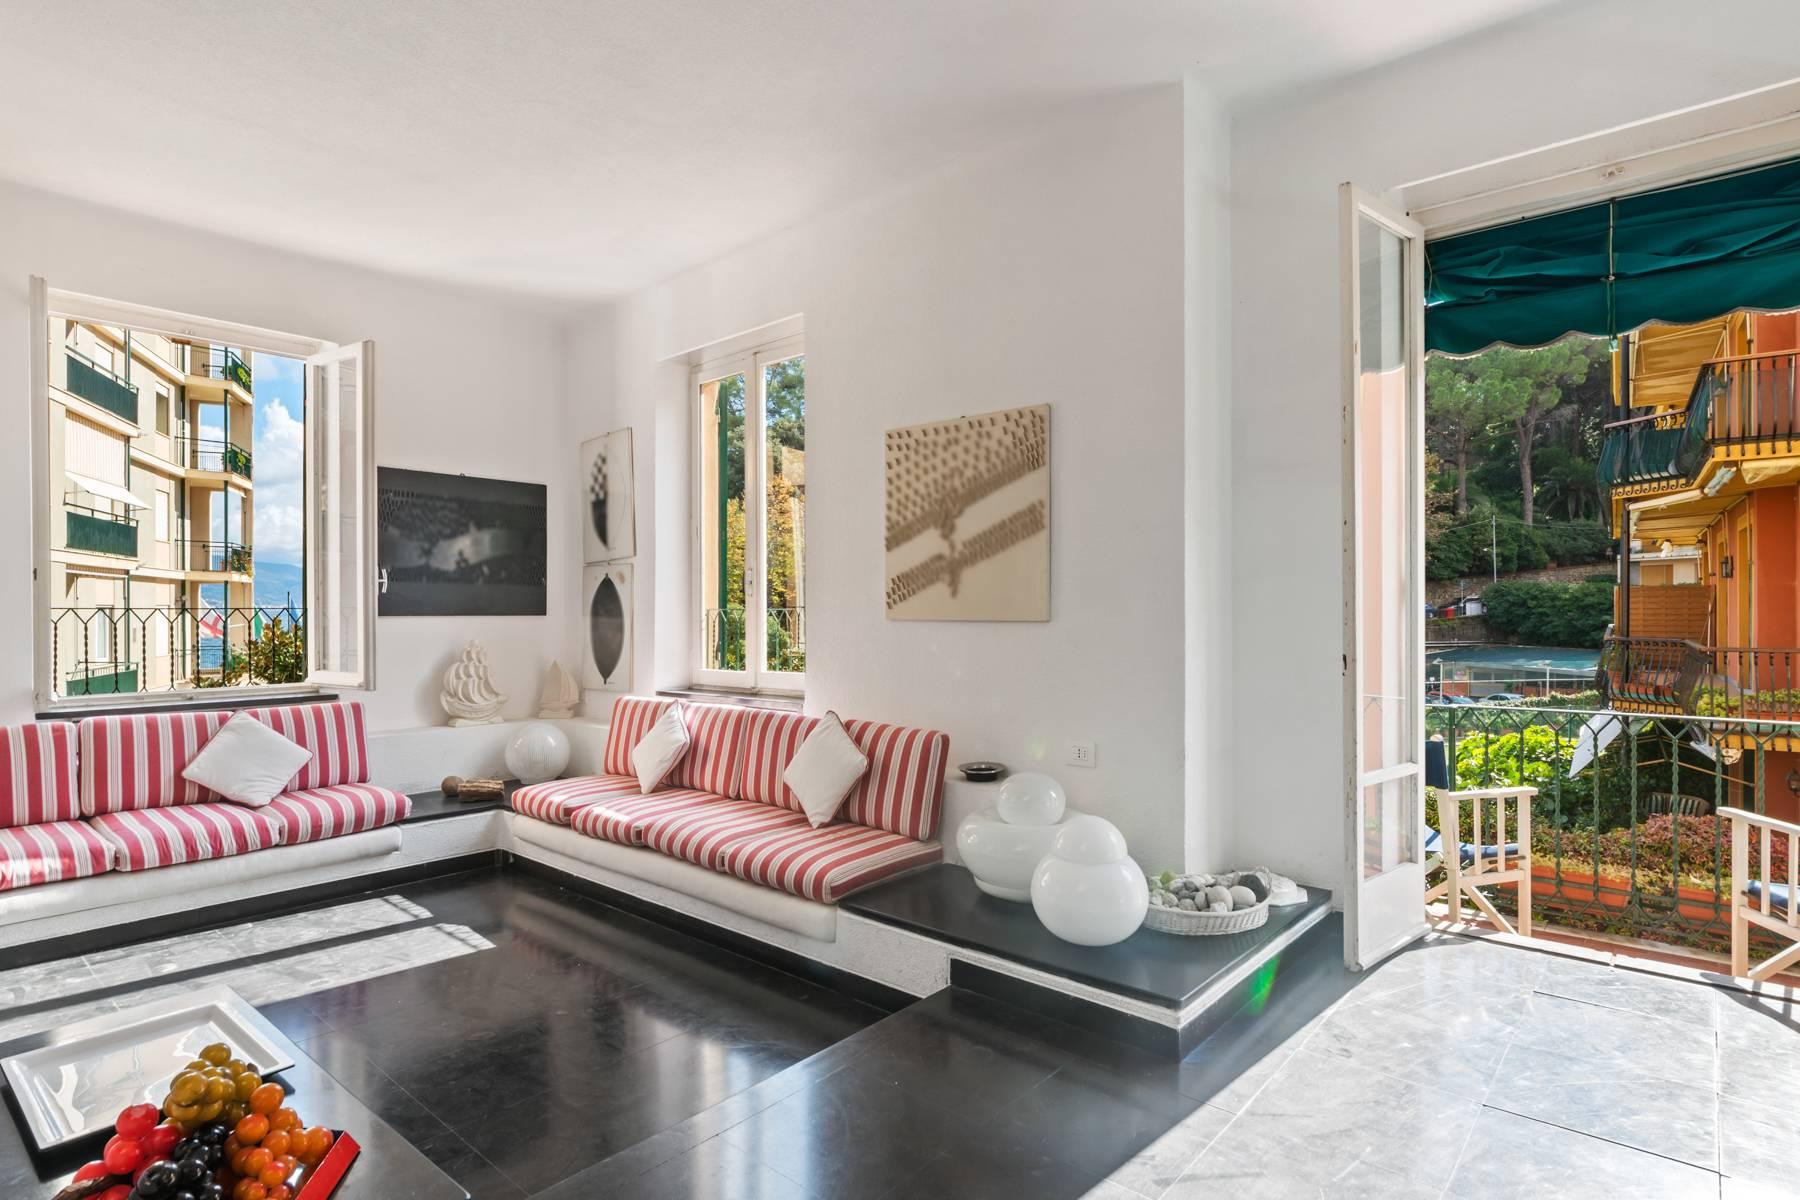 Appartamento in Vendita a Santa Margherita Ligure: 5 locali, 120 mq - Foto 6